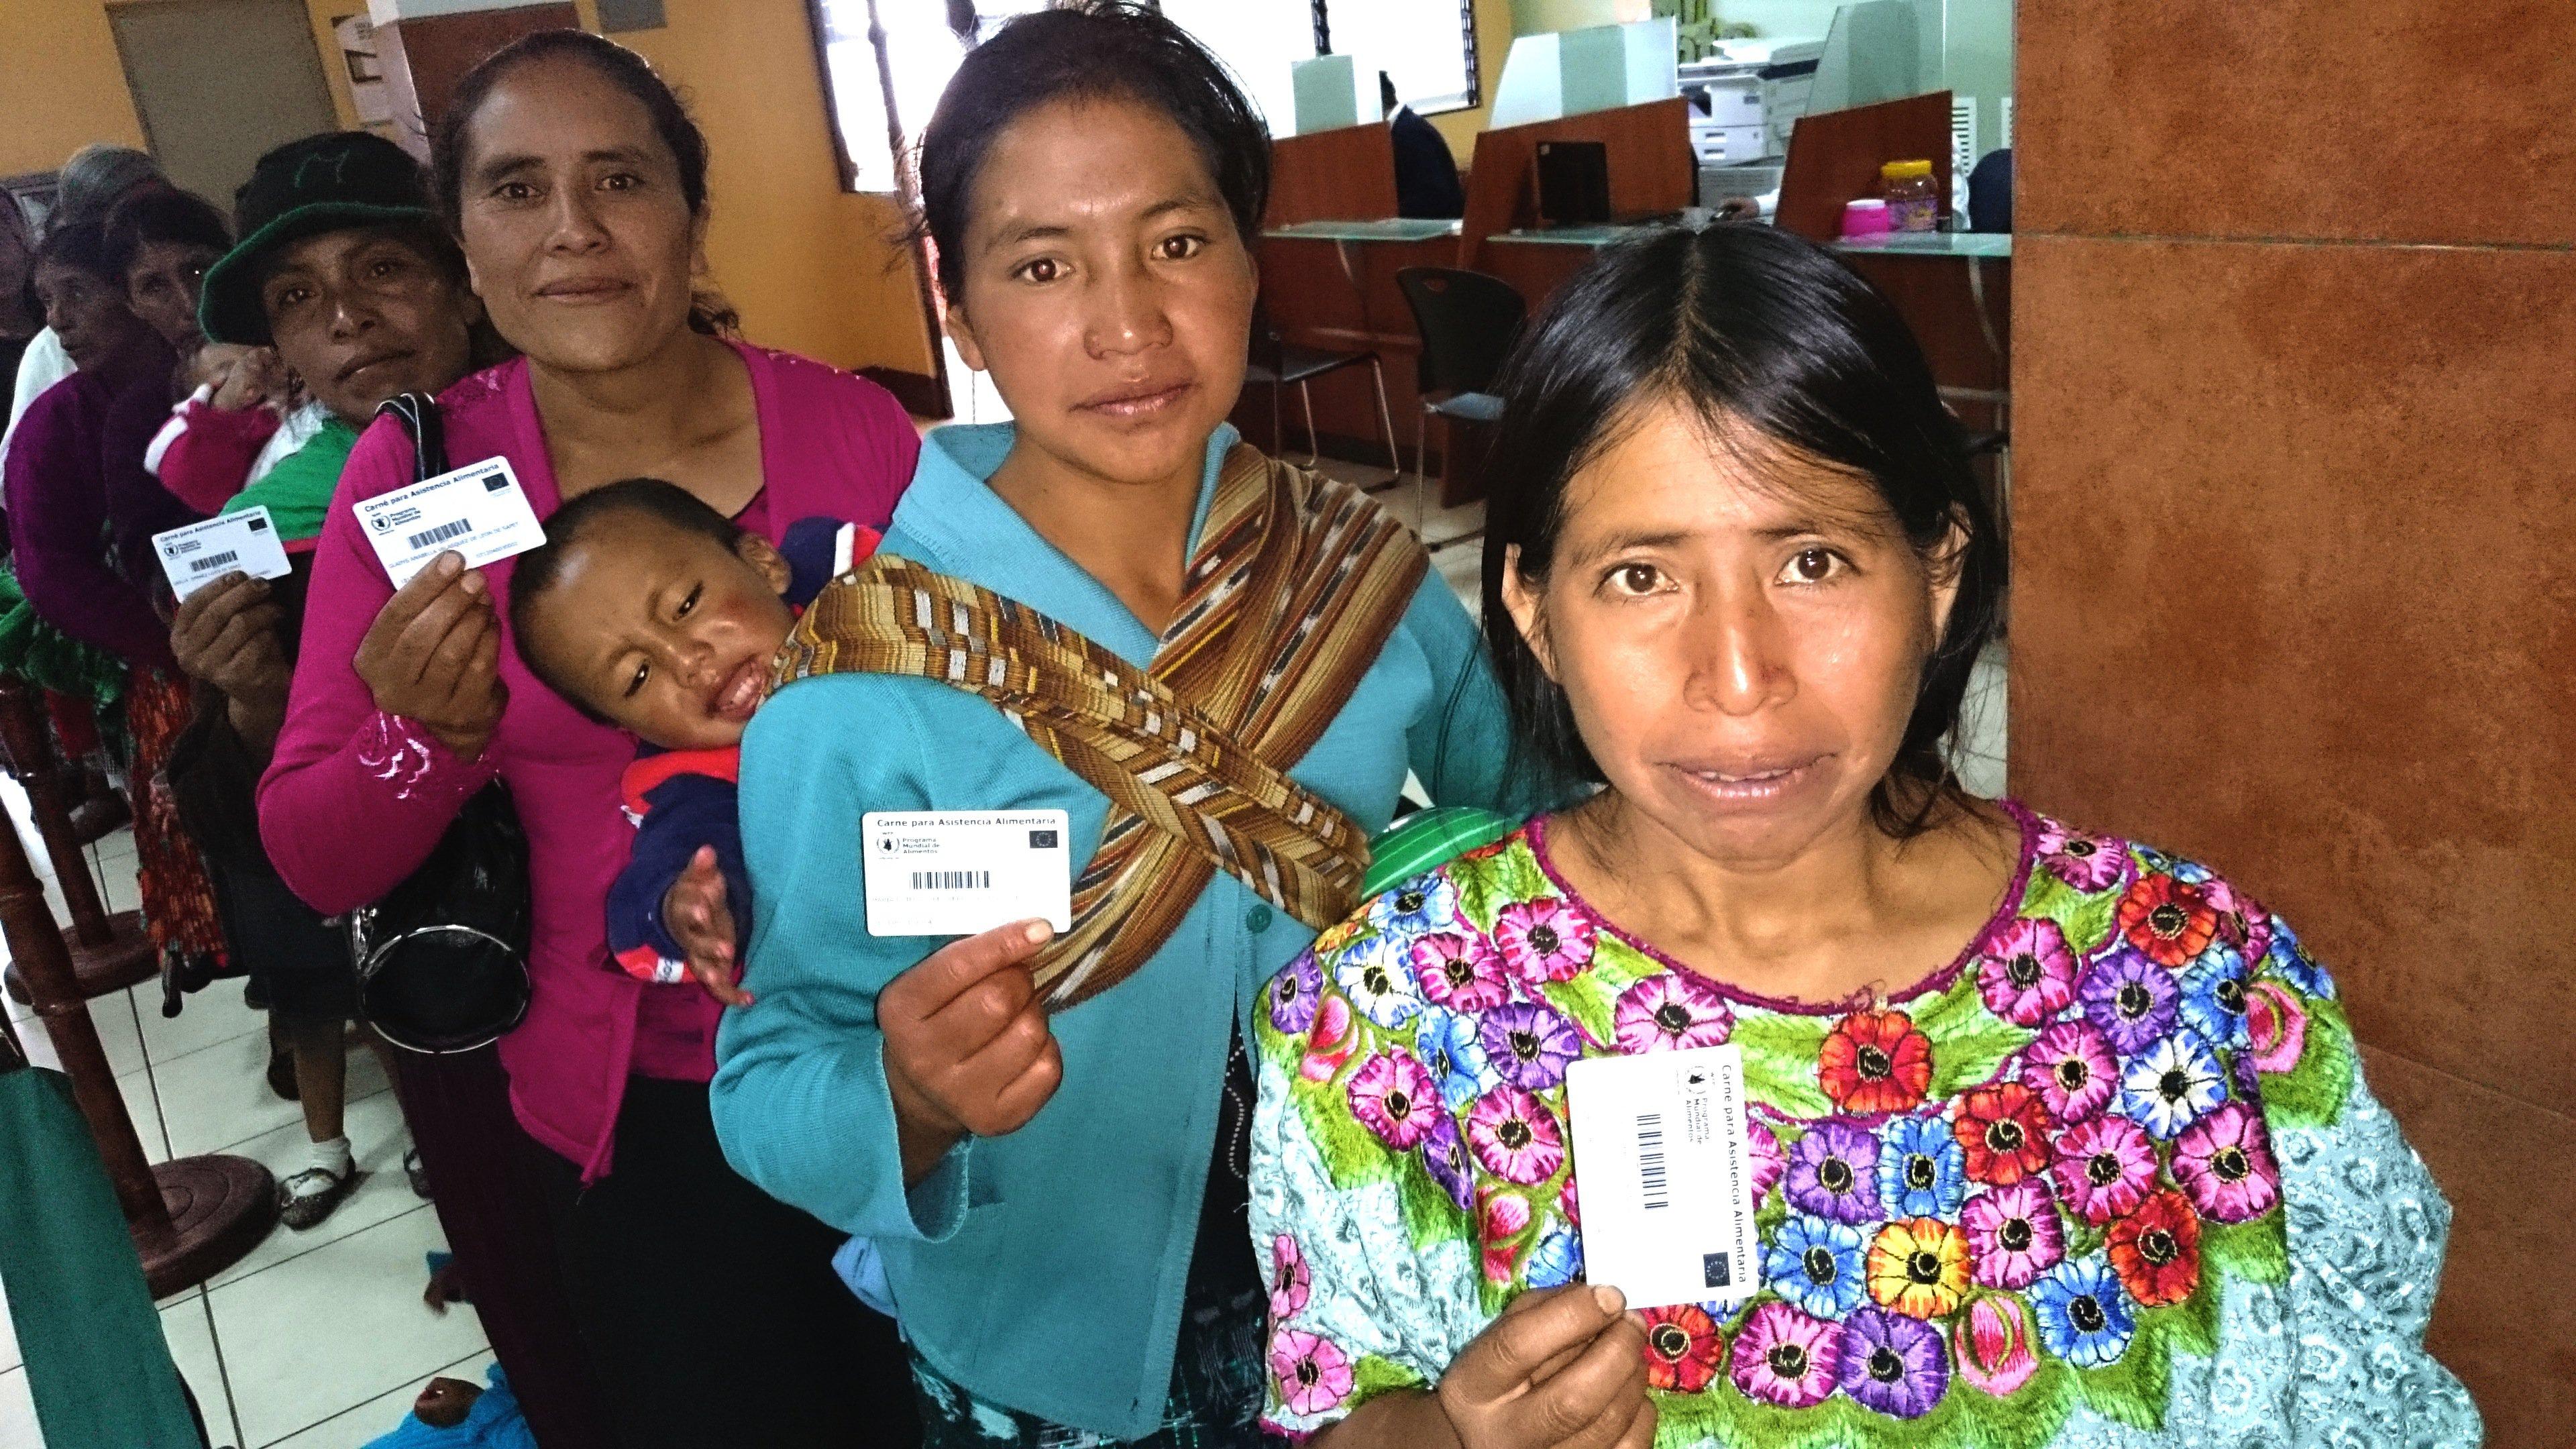 حلم الهجرة إلى الولايات المتحدة راود كثير من أبناء أمريكا اللاتينية هرباً من الفقر